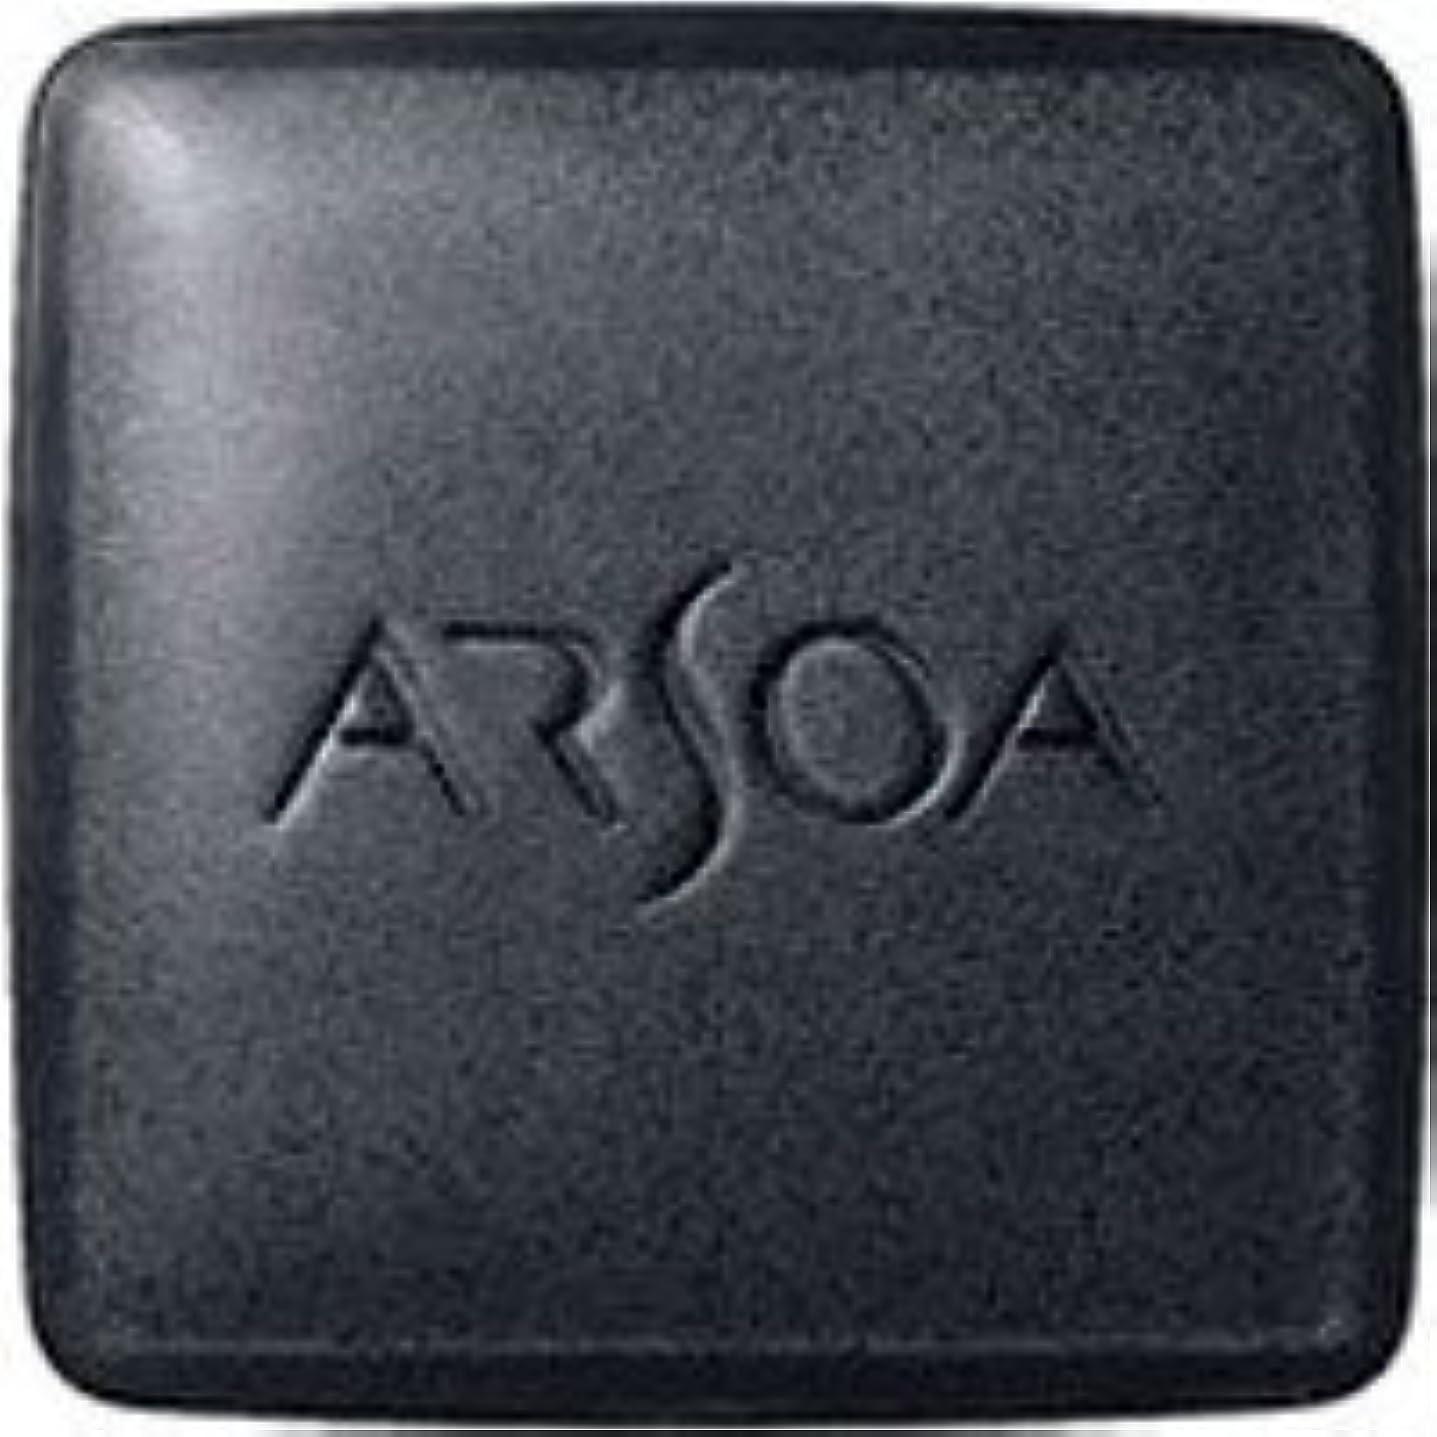 マンハッタン物思いにふけるクレーター[外箱無]アルソア(ARSOA)クイーンシルバー(リフィル)135g